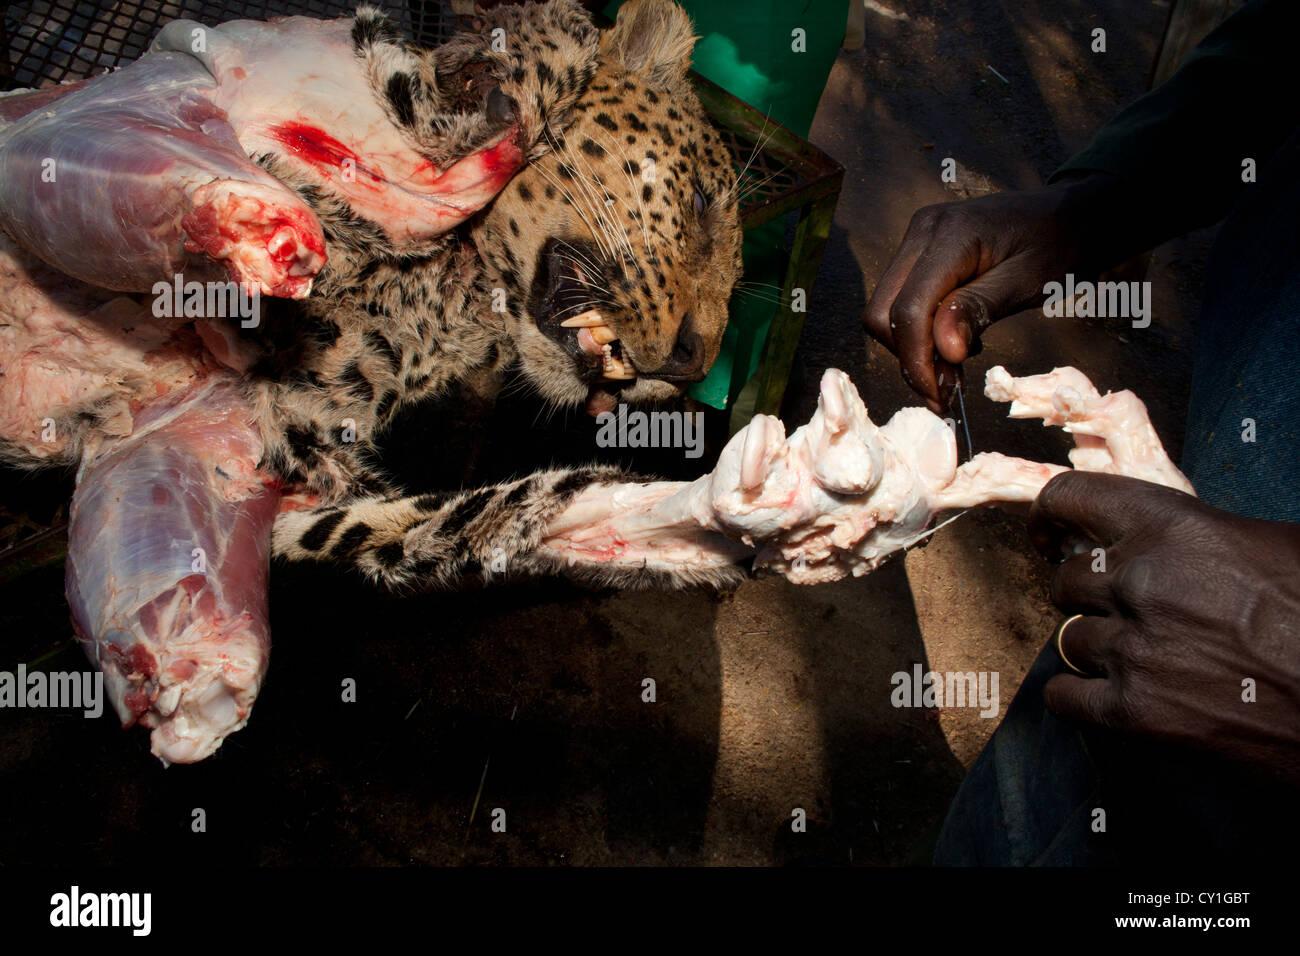 Präparatoren. Jäger aus den USA und Deutschland Wildtiere zu schießen und Dinge, die es als Trophäe Stockbild